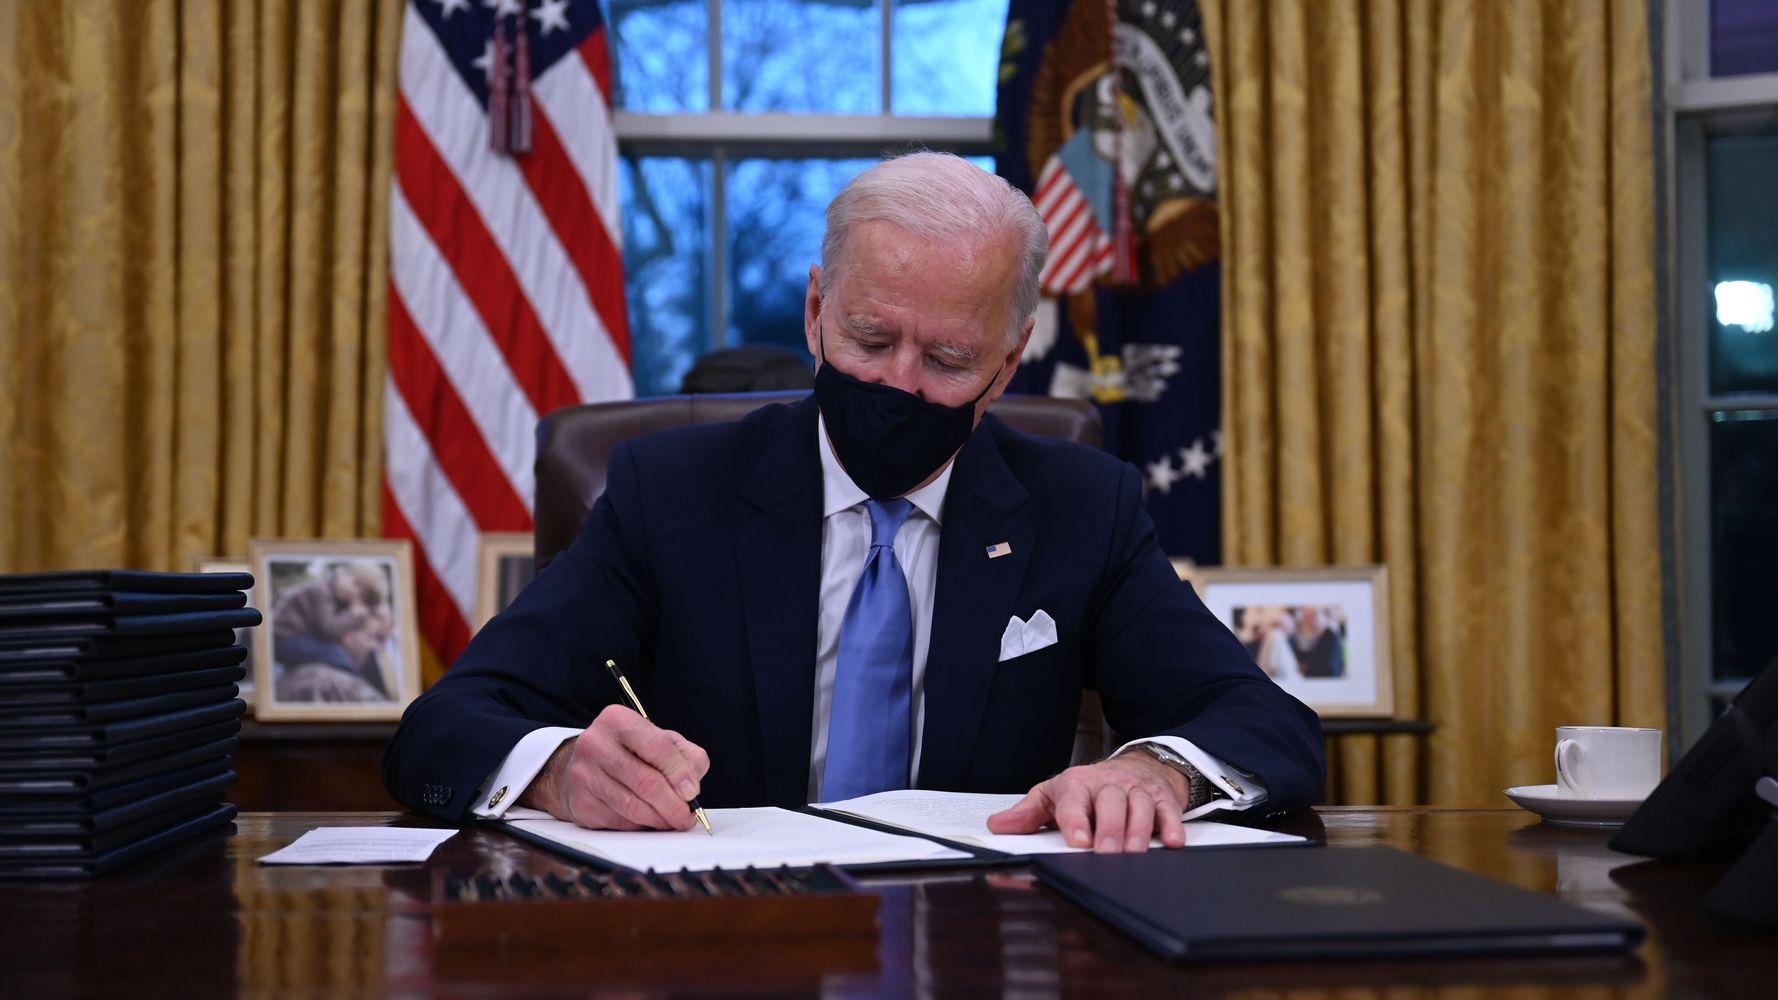 Joe Biden signe le retour des États-Unis dans l'accord de Paris mais il ne faut pas s'emballer